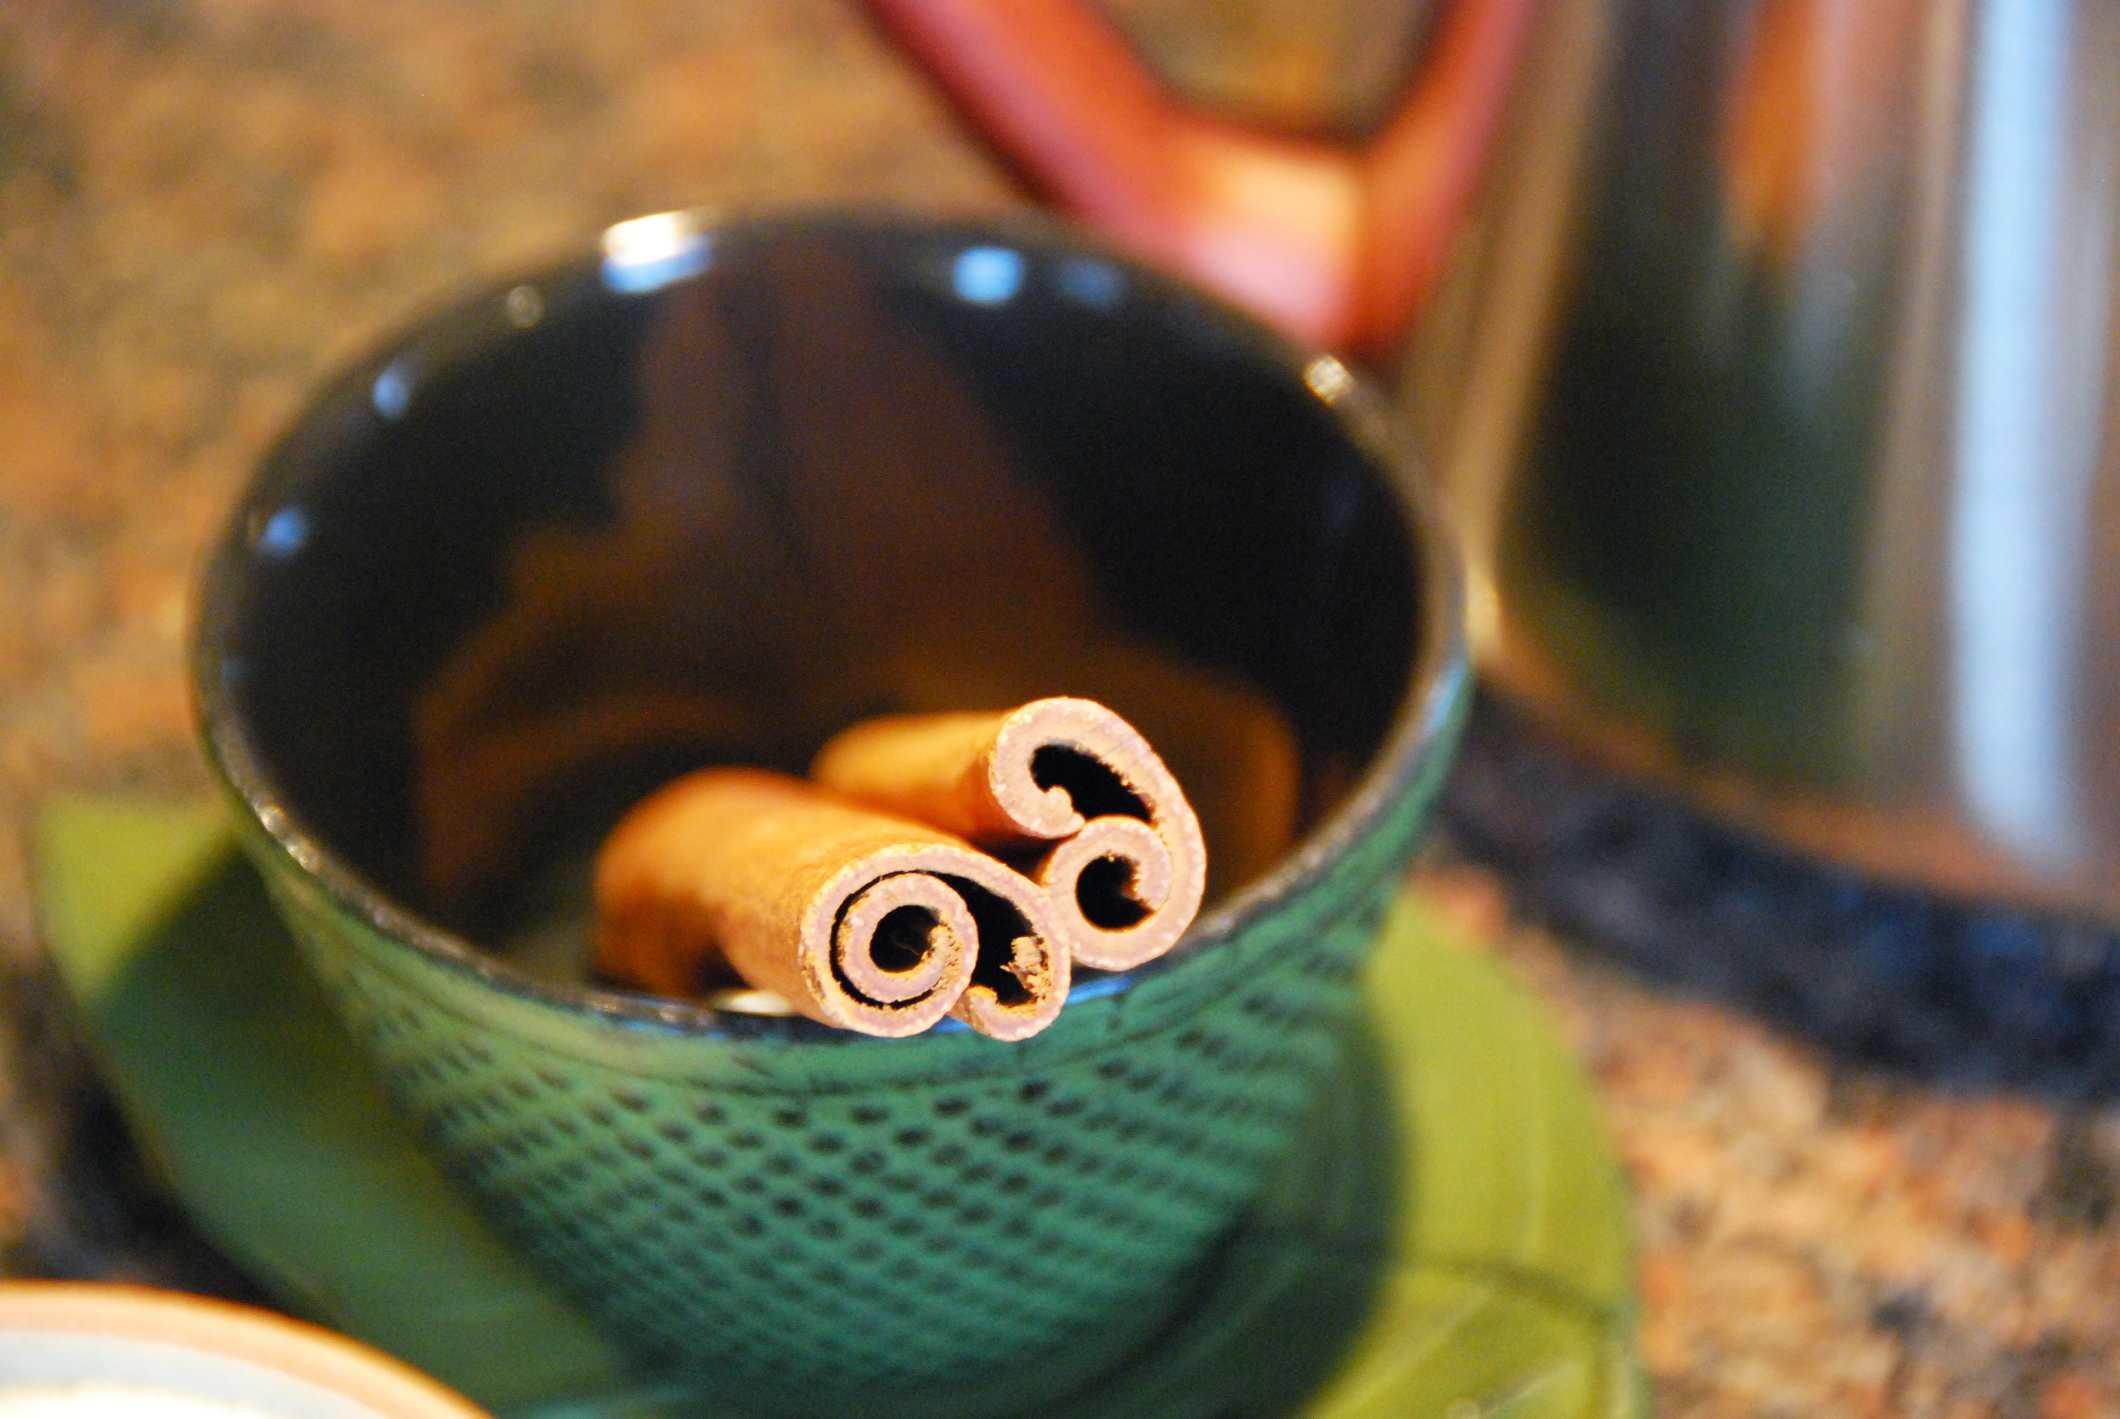 La canela y el clavo se pueden hervir para hacer un aromatizante natural.